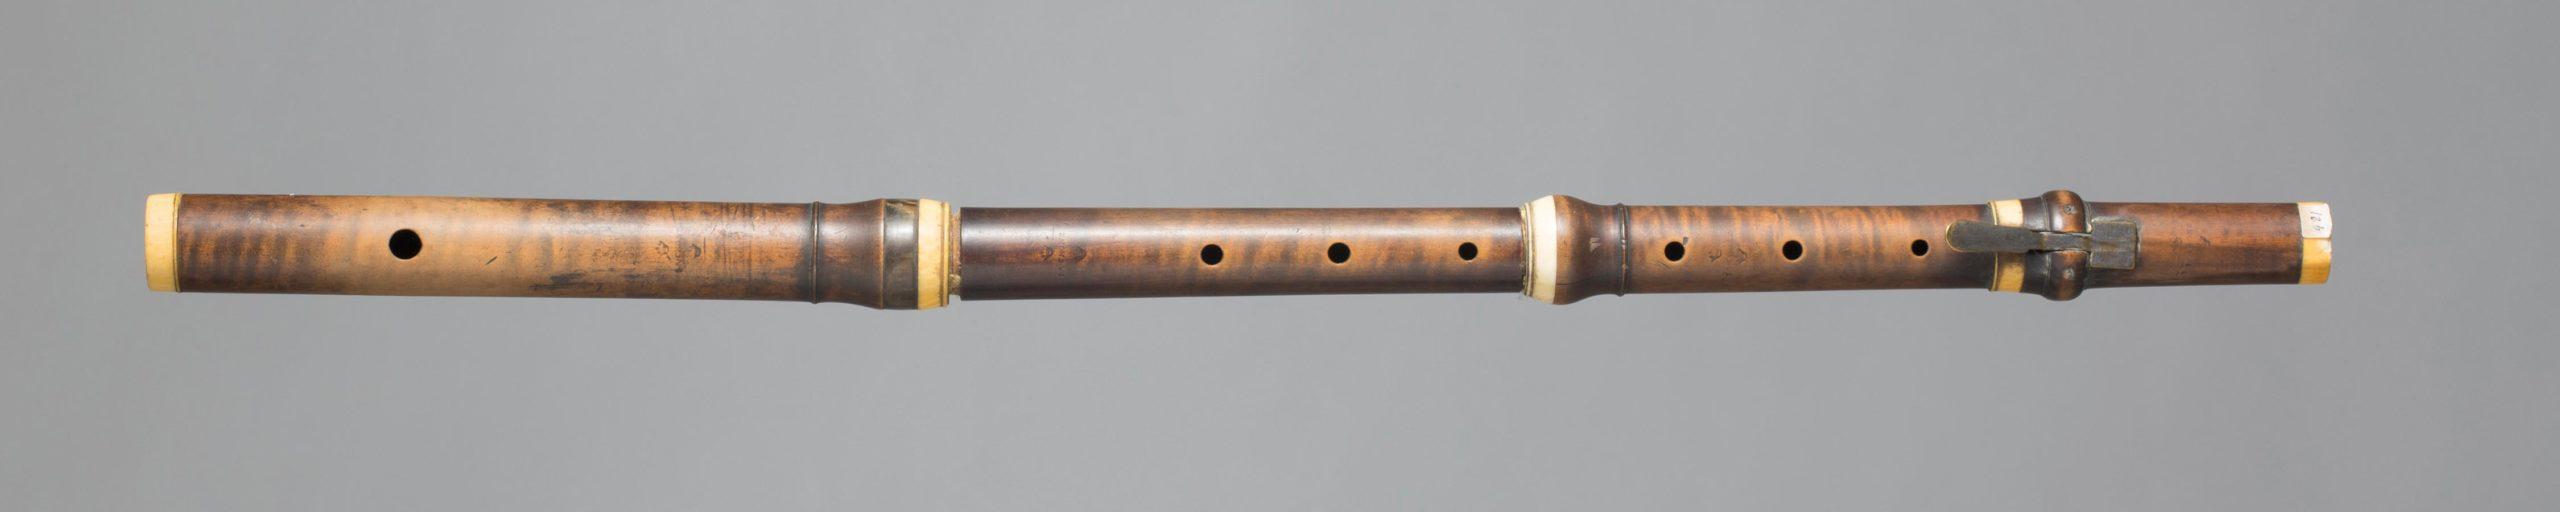 Flûte en buis, une clef carrée probablement changée, bagues ivoire, de I.A. CRONE à Leipzig. Fin XVIIIème début XIXème. Collection Samoyault